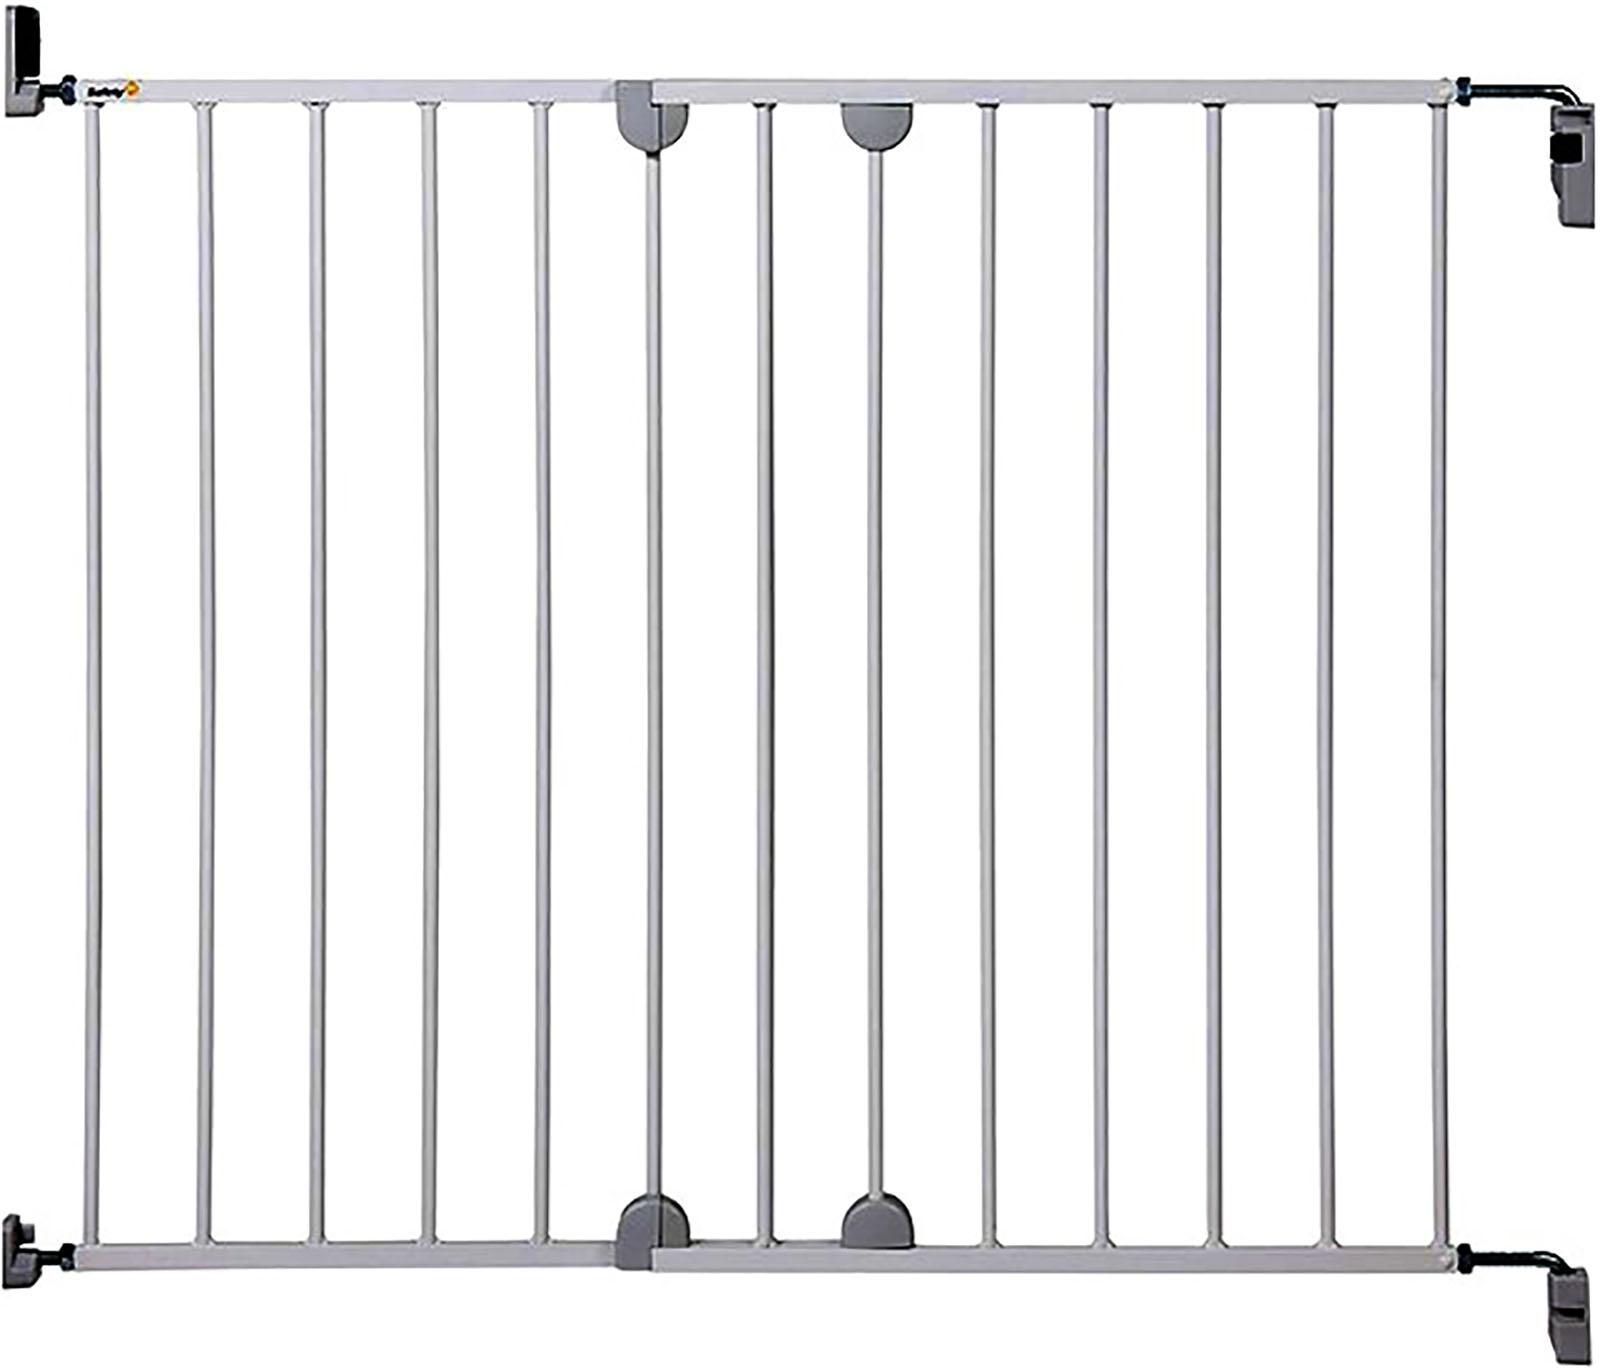 Барьер Safety 1st Wall-Fix Extending Metal, 62-102 см белый цена 2017